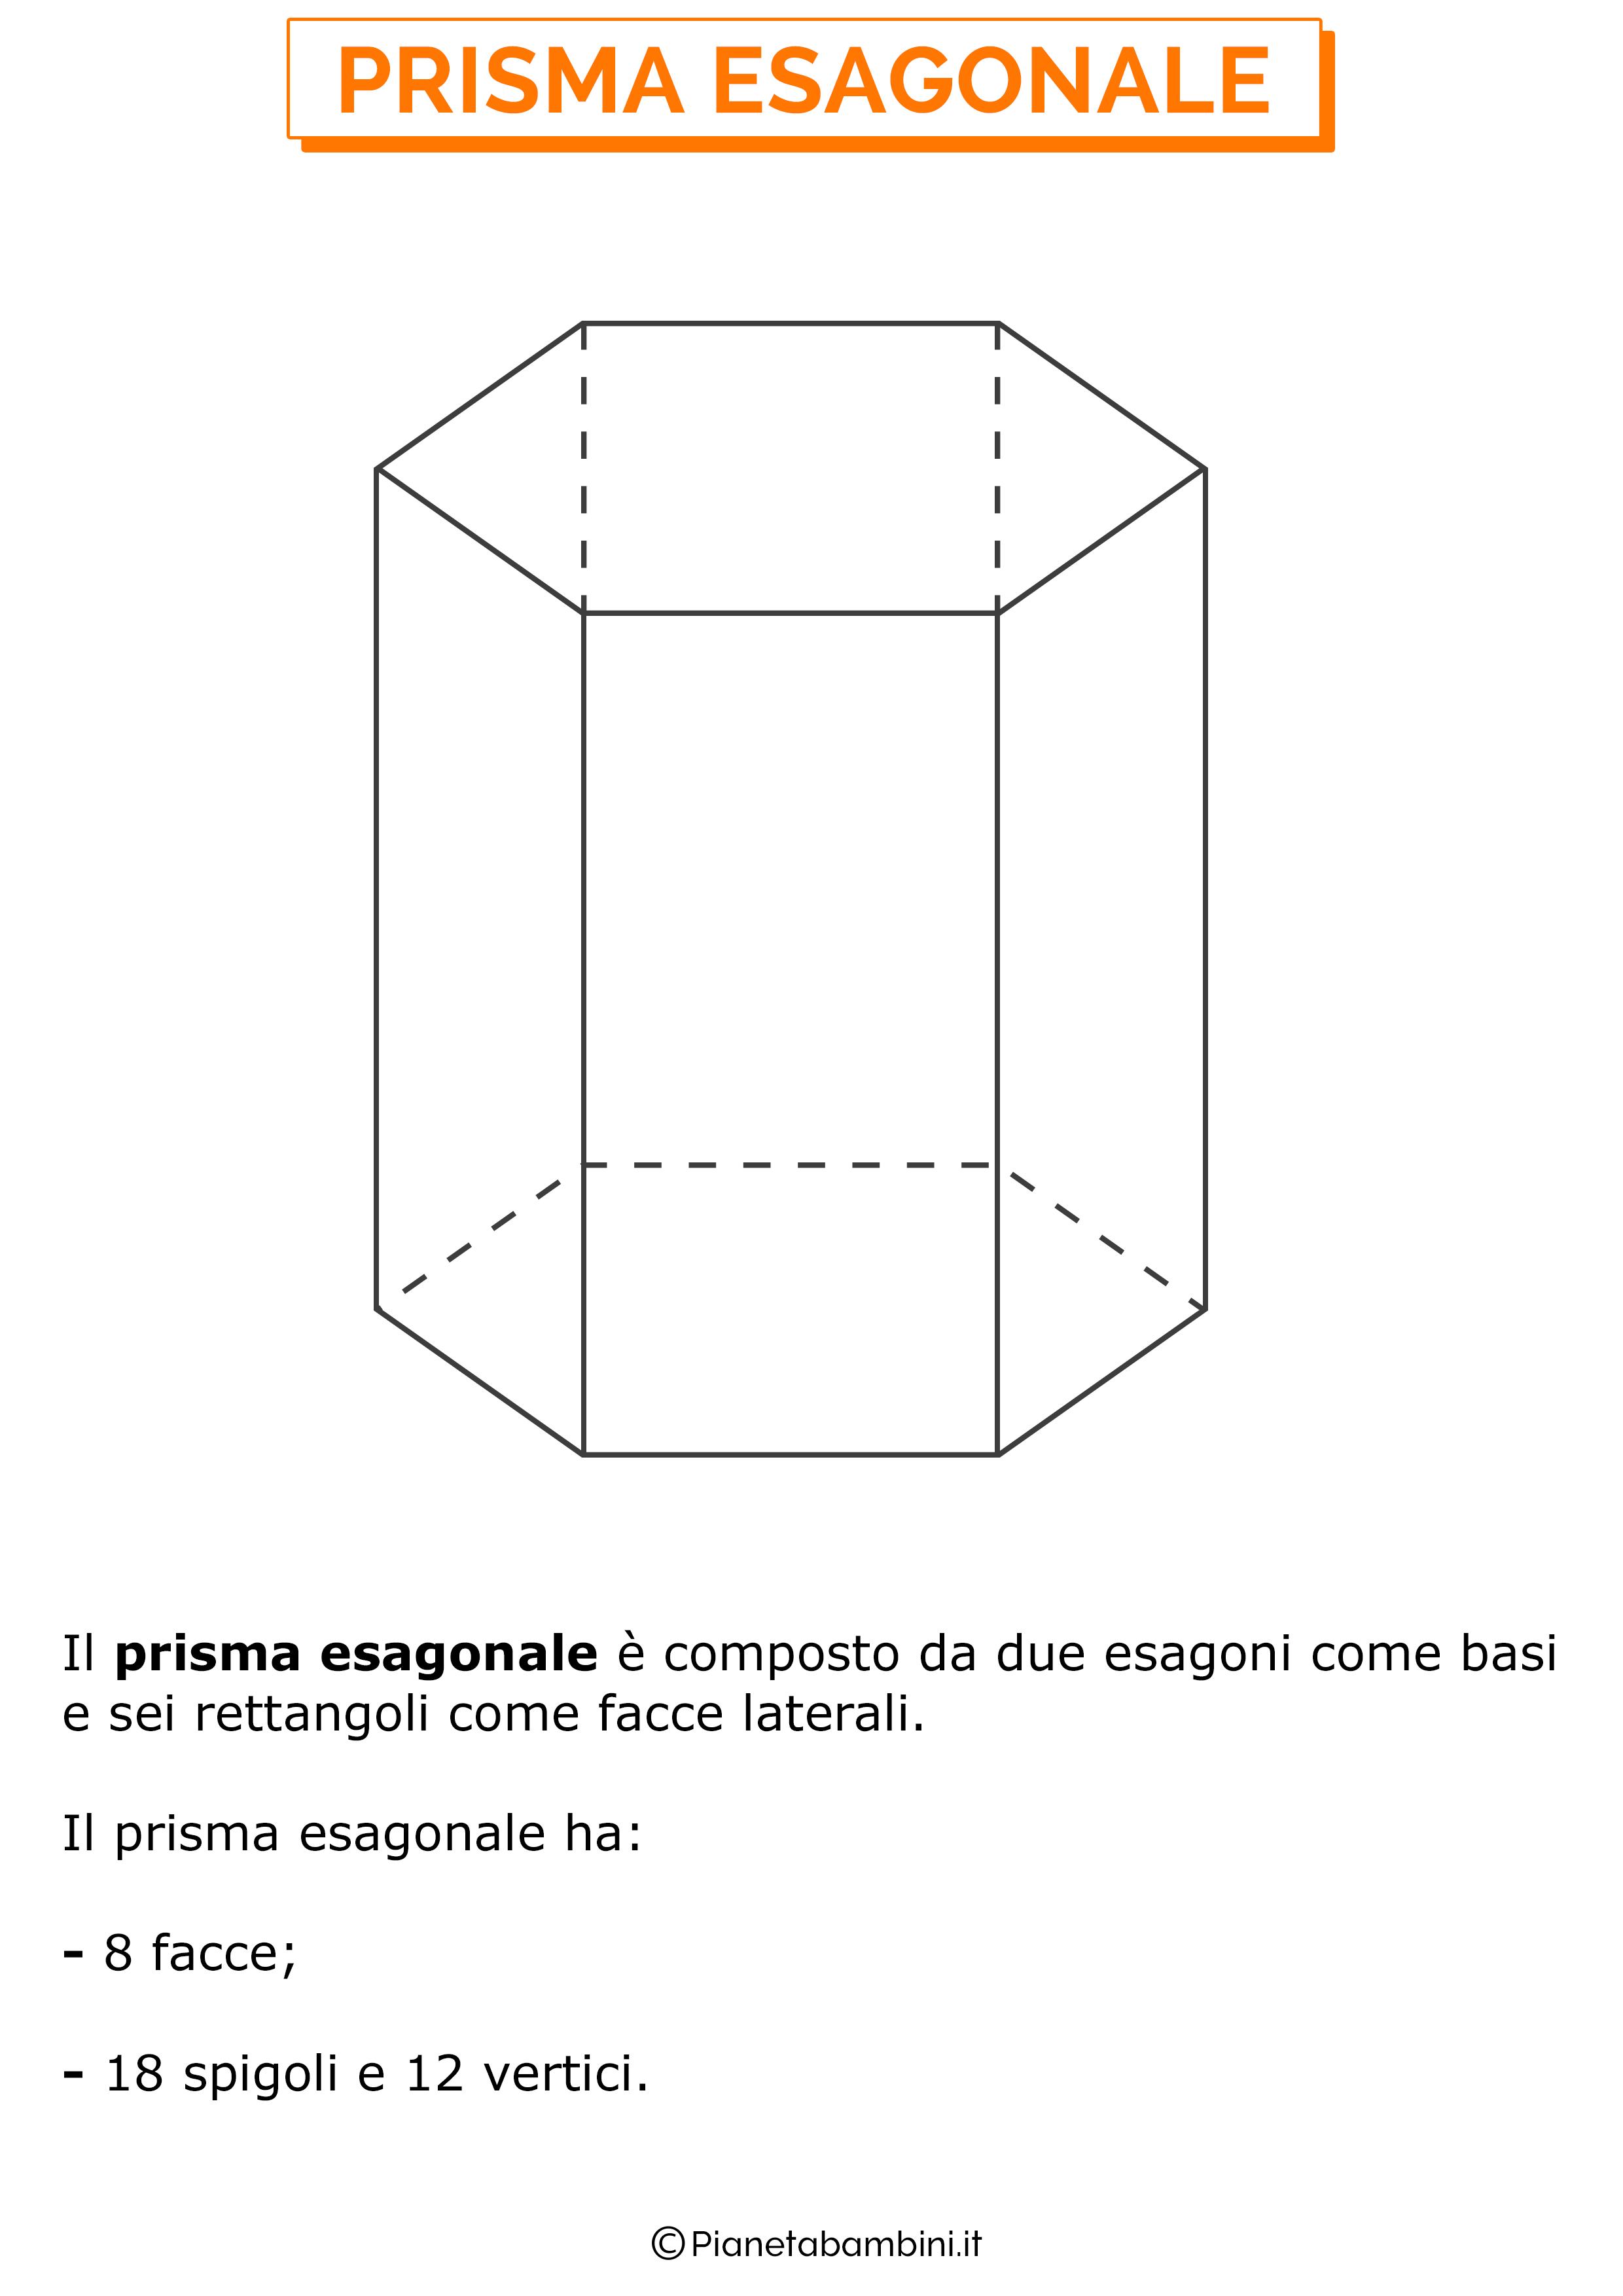 Immagine del prisma esagonale